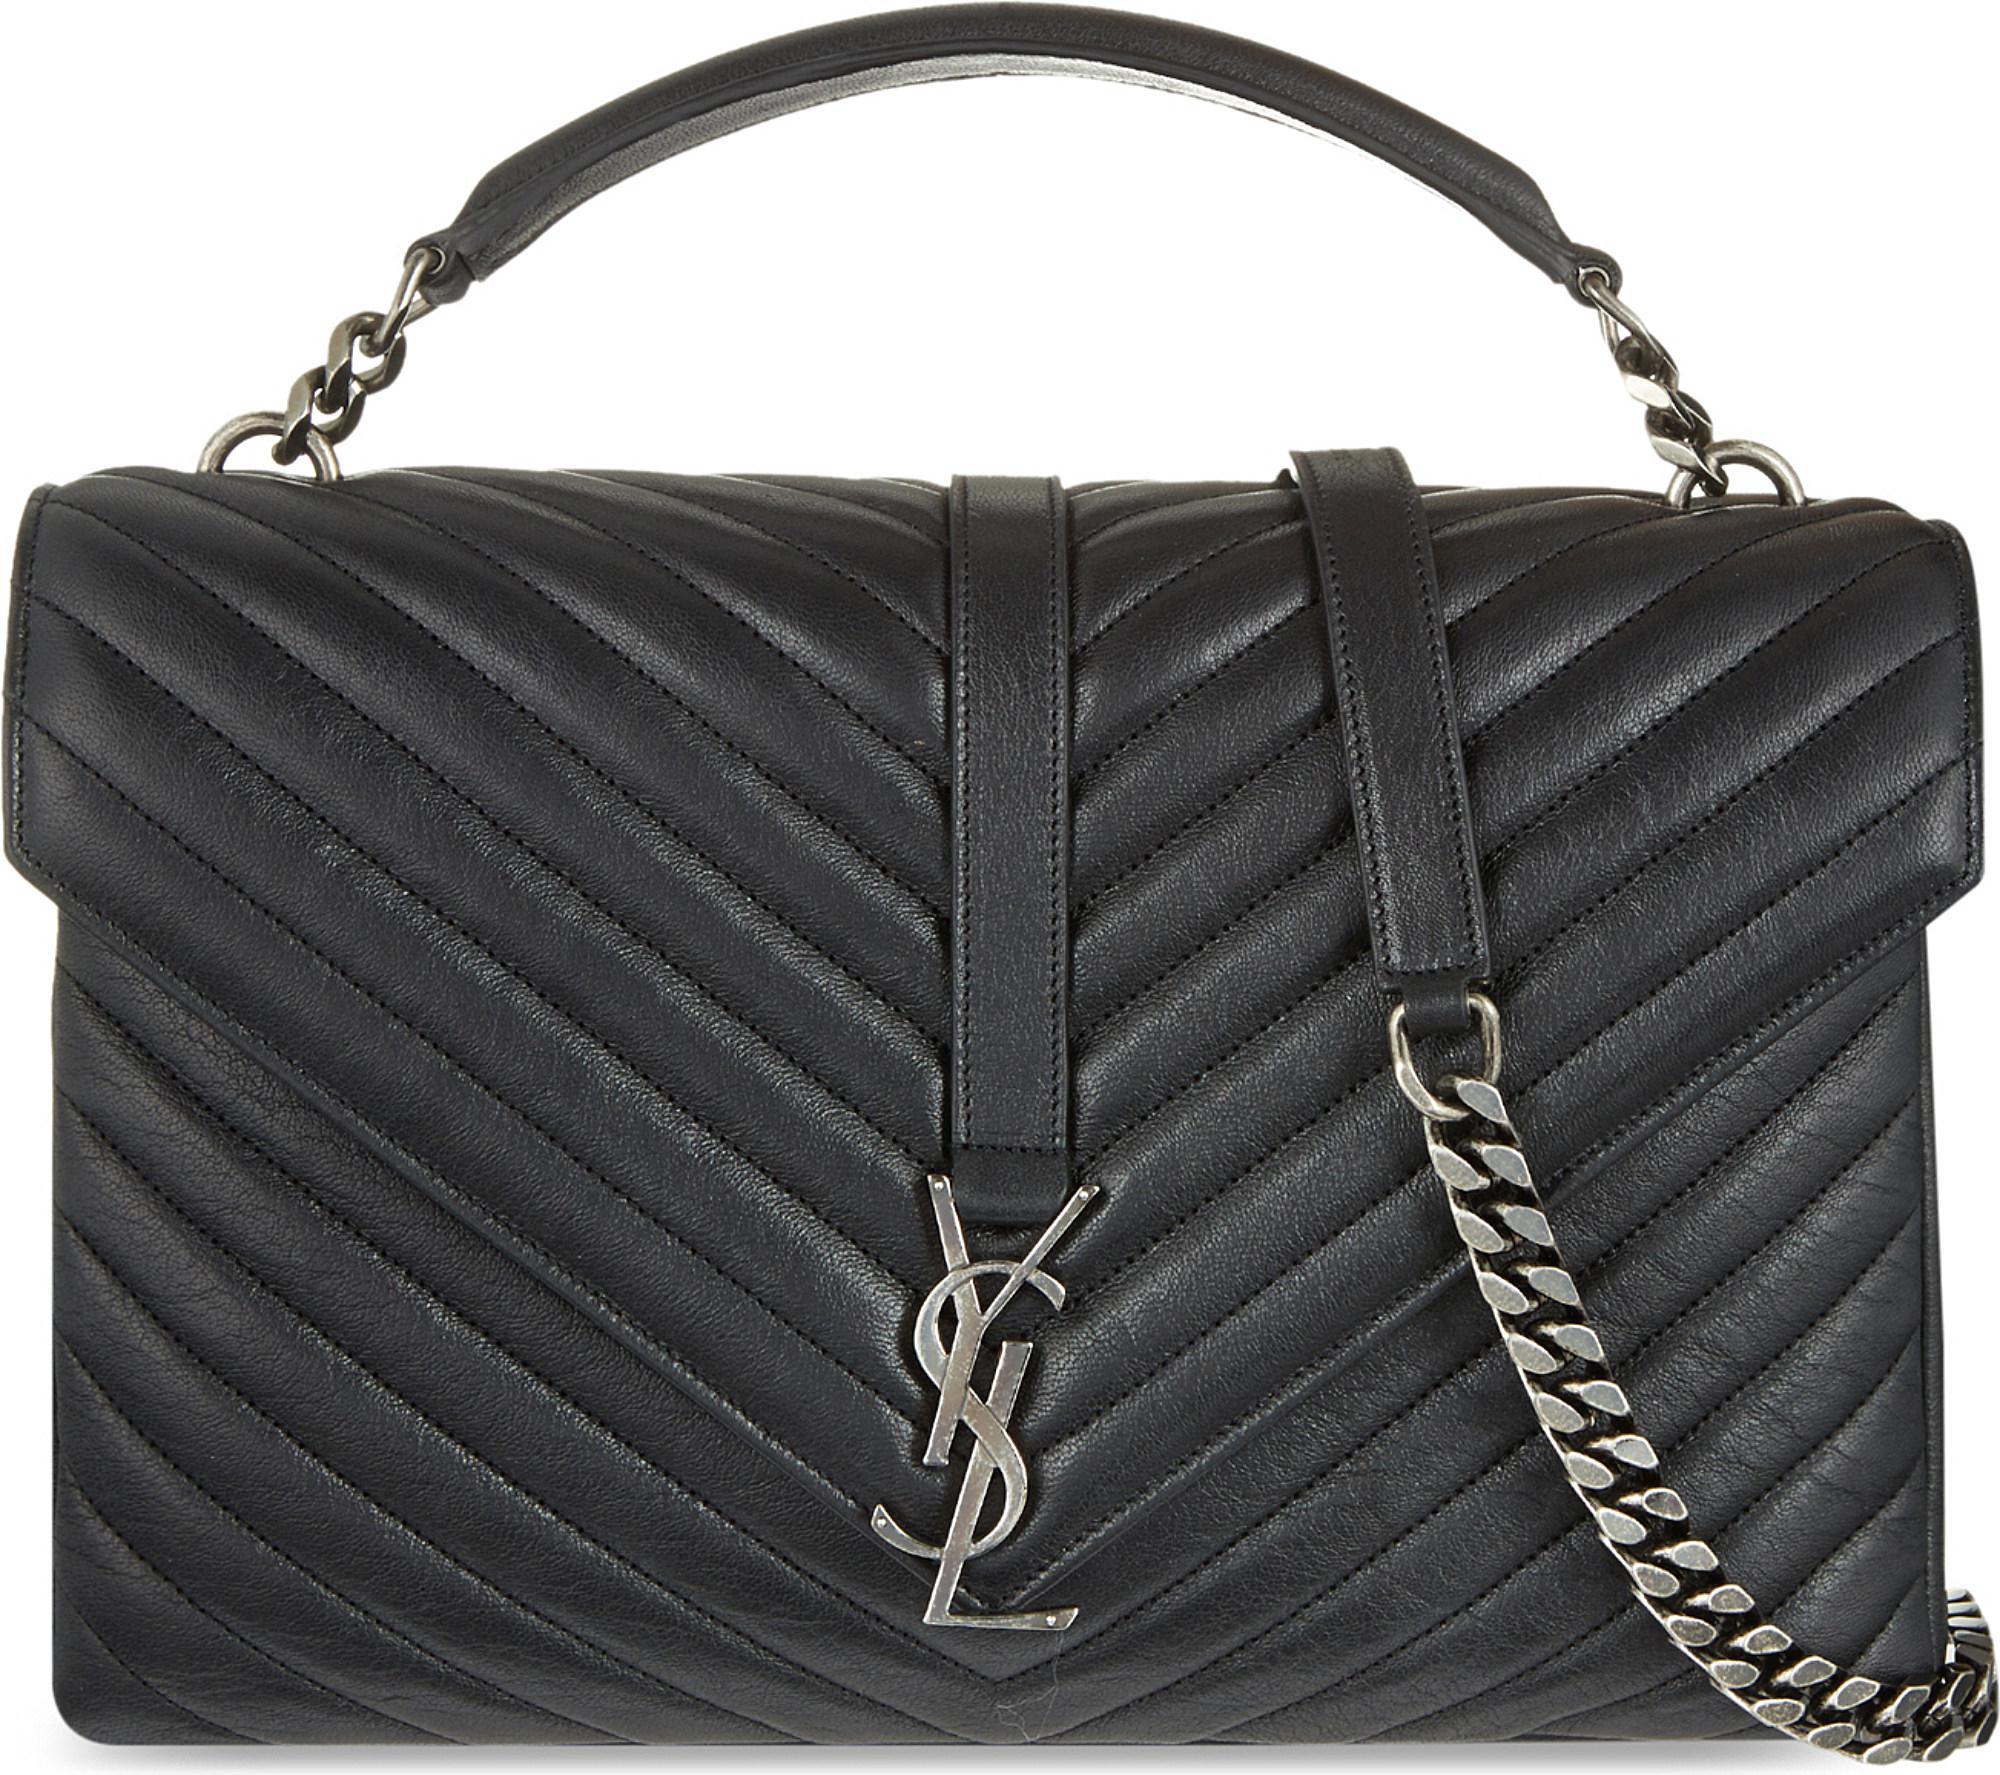 e3110d3b831d Saint Laurent. Women s Black Monogram College Quilted Leather Shoulder Bag